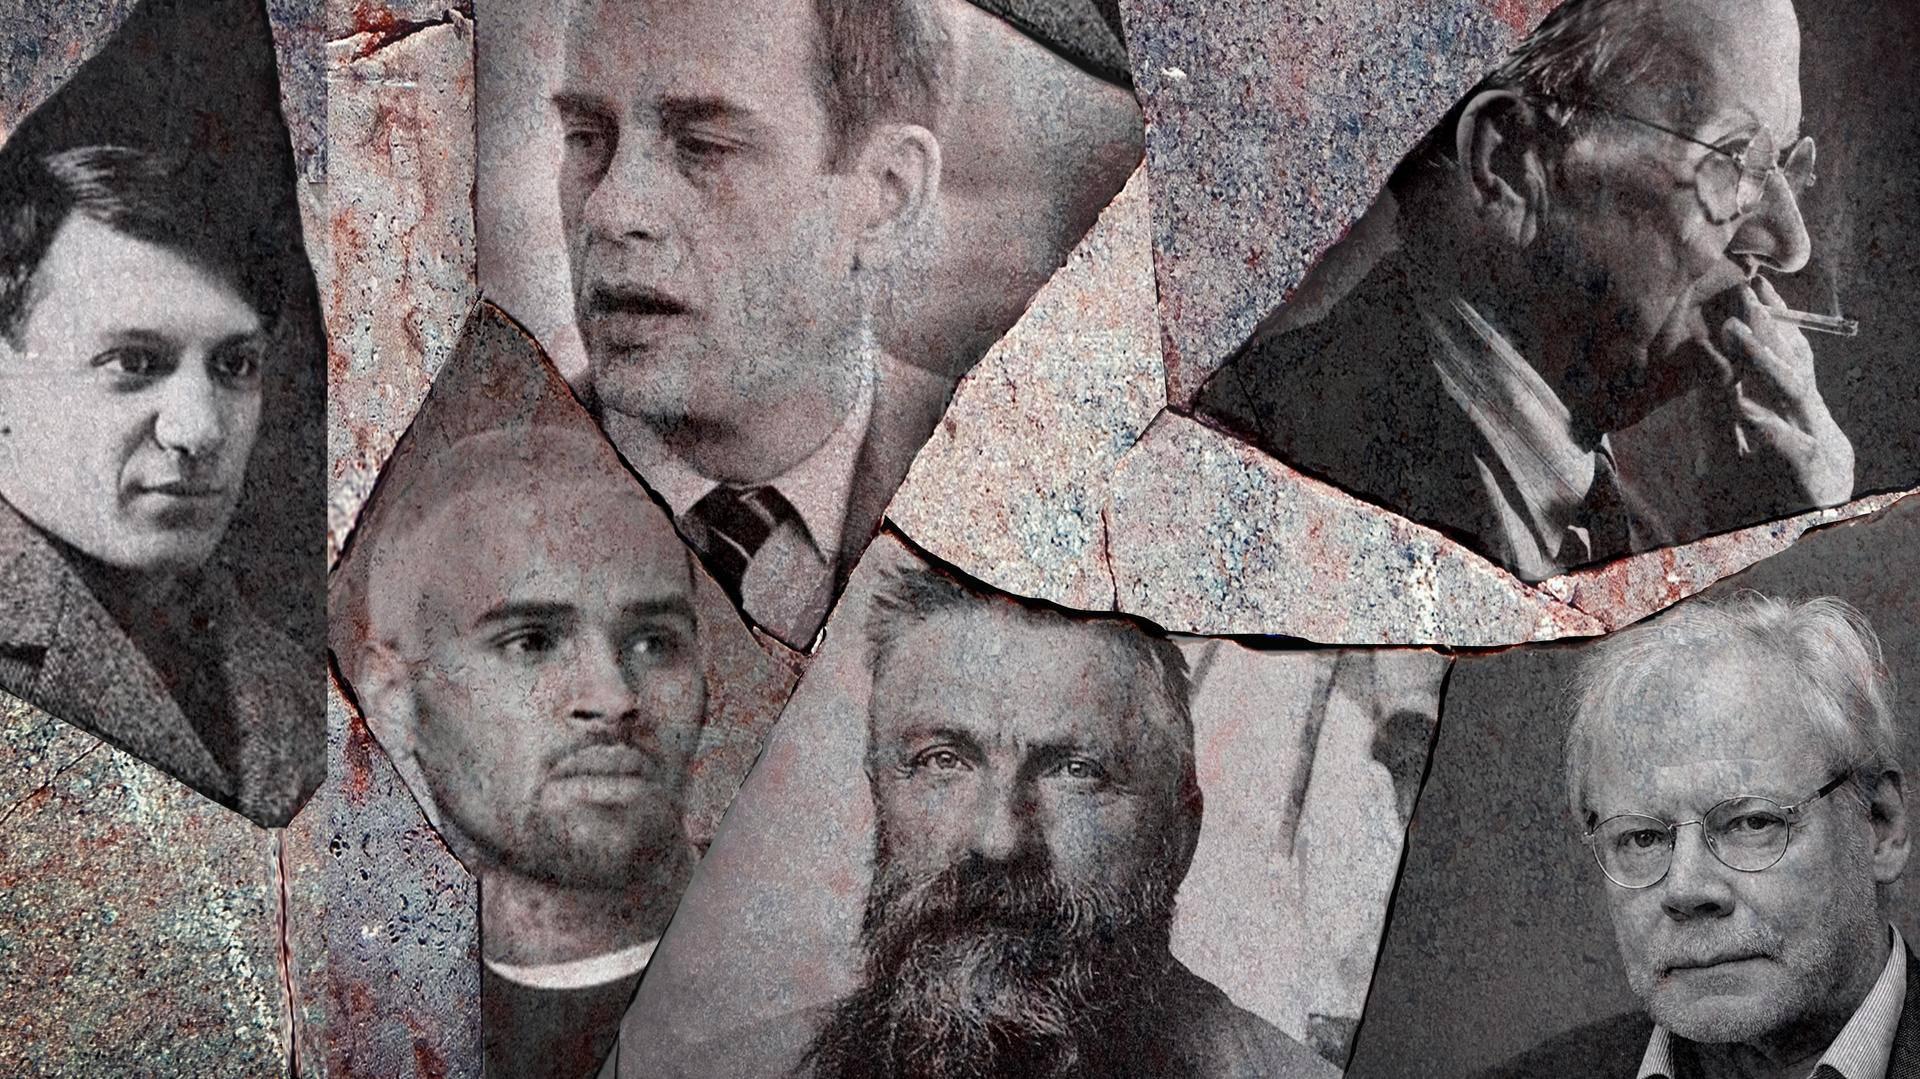 Pablo Picasso (vas.), Chris Brown, Jörn Donner, Auguste Rodin, Tyko Sallinen ja Lauri Törhönen ovat vain joitain niistä miestaiteilijoista, jotka ovat kohdelleet muita törkeästi.